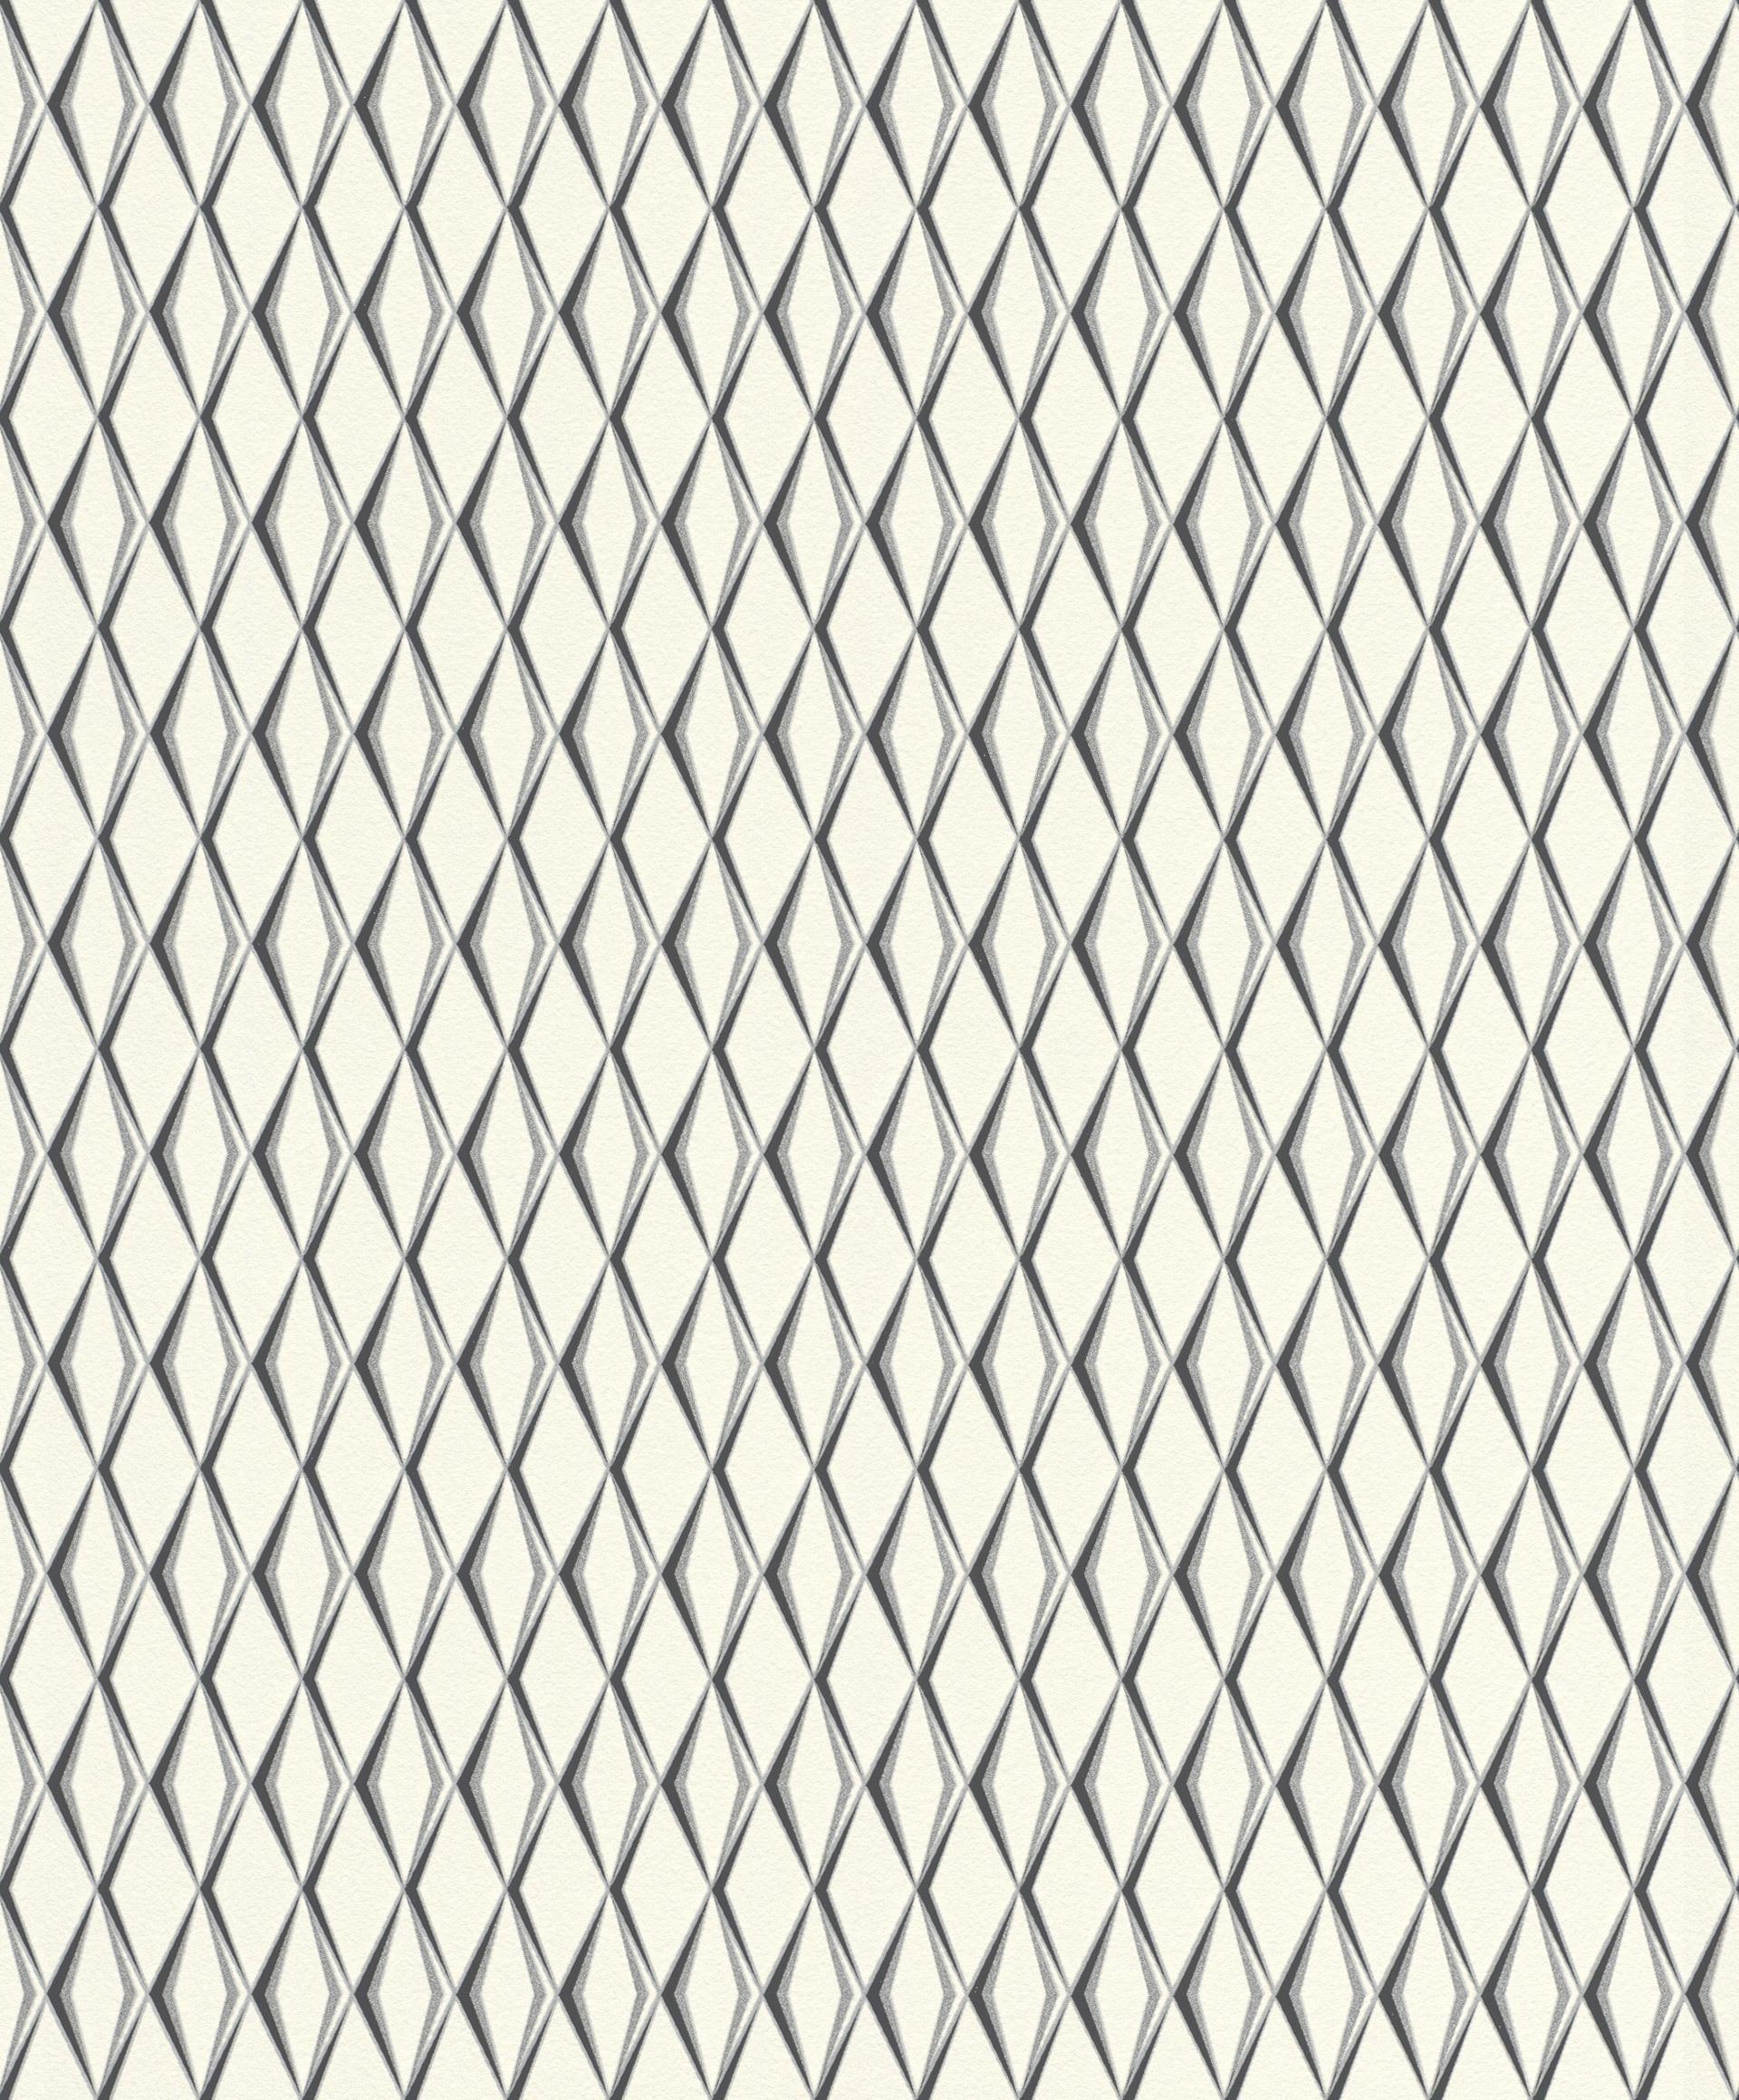 Fehér alapon ezüst fekete geometriai mintás rasch tapéta